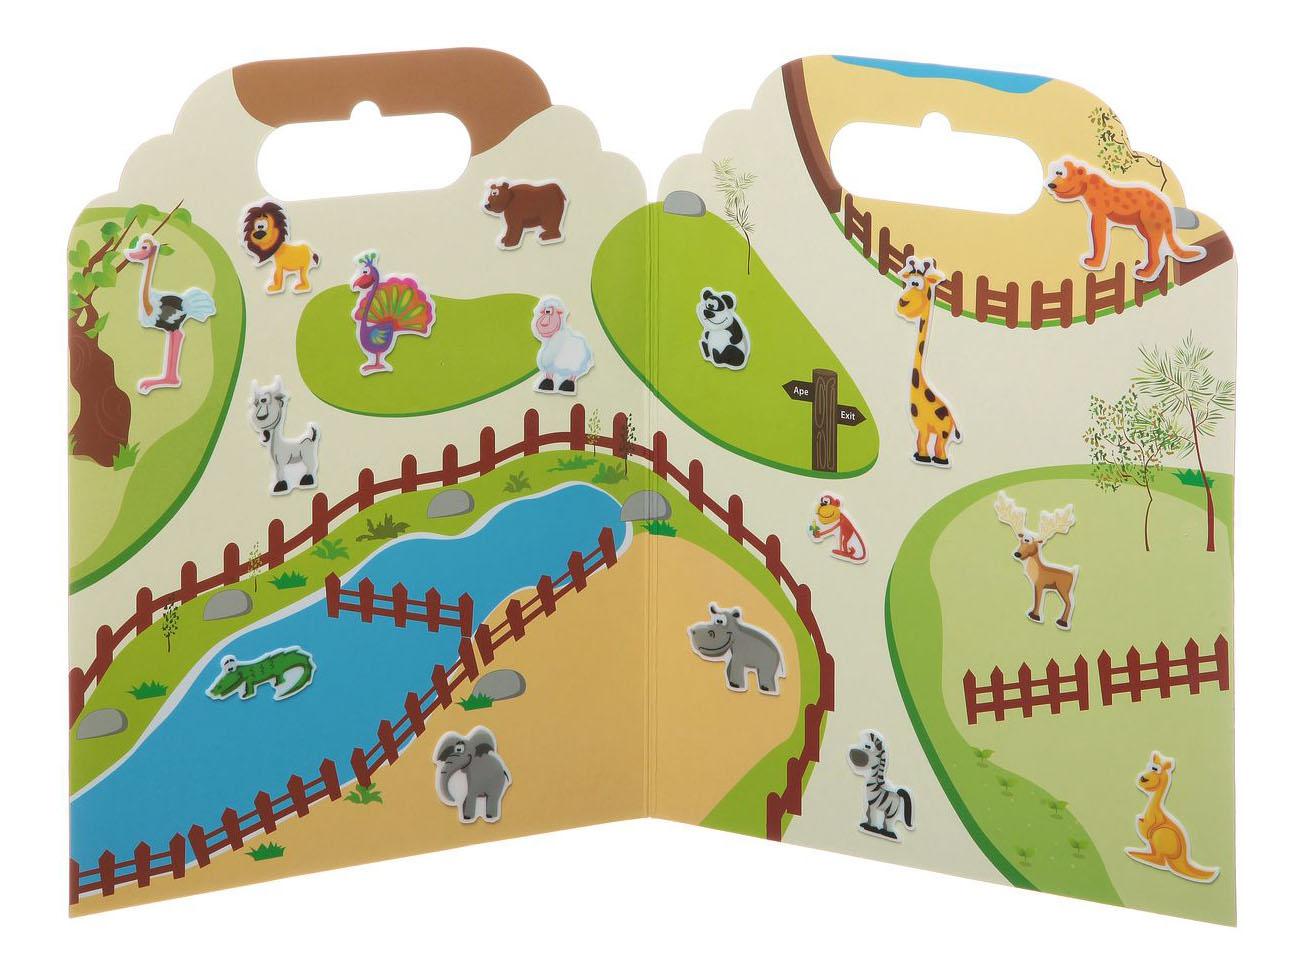 Купить Набор наклеек Нано-стикер В Зоопарке бол., 19x24 см., арт. TP-S30, Набор наклеек нано-стикер в зоопарке бол., Bondibon 19x24 см, Аксессуары для детской комнаты